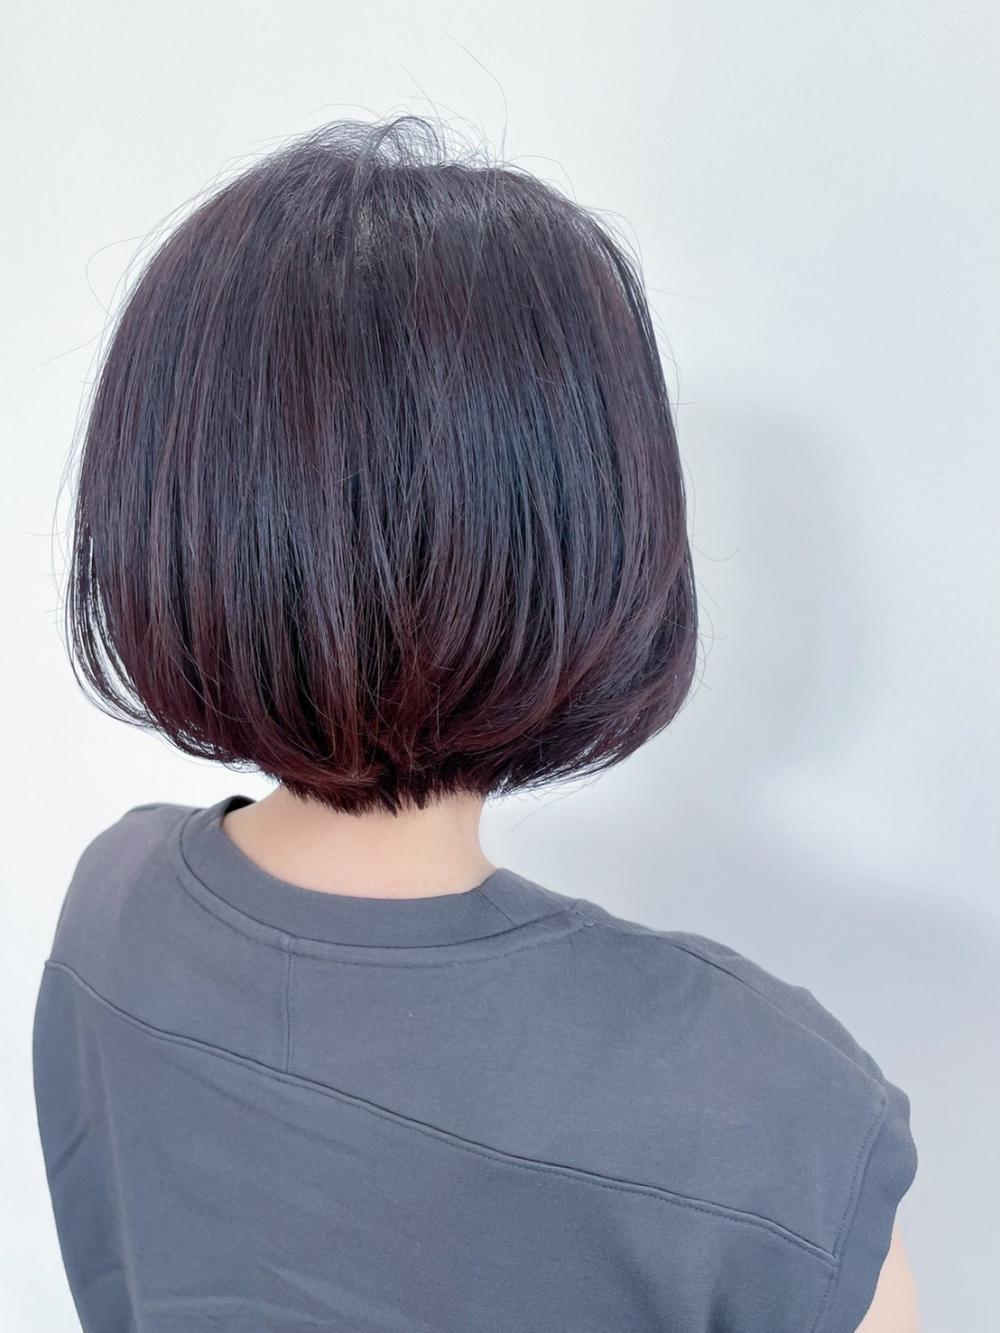 【feliceMICHI浅野祐輔】ナチュラルショートボブ